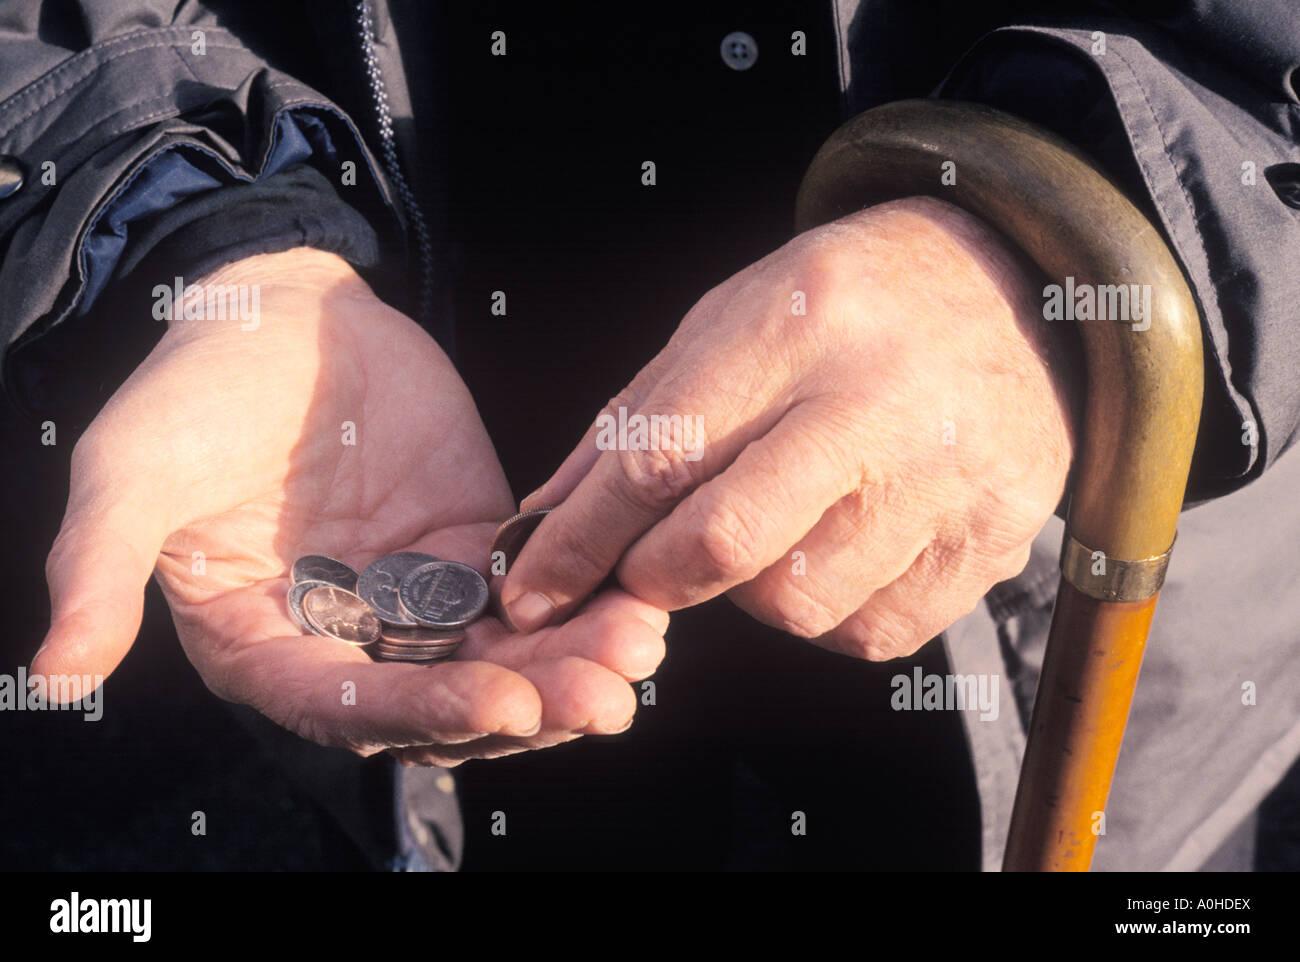 Uomo adulto con una canna Shopping e conteggiare denaro sulla strada di New York City STATI UNITI D'AMERICA Foto Stock